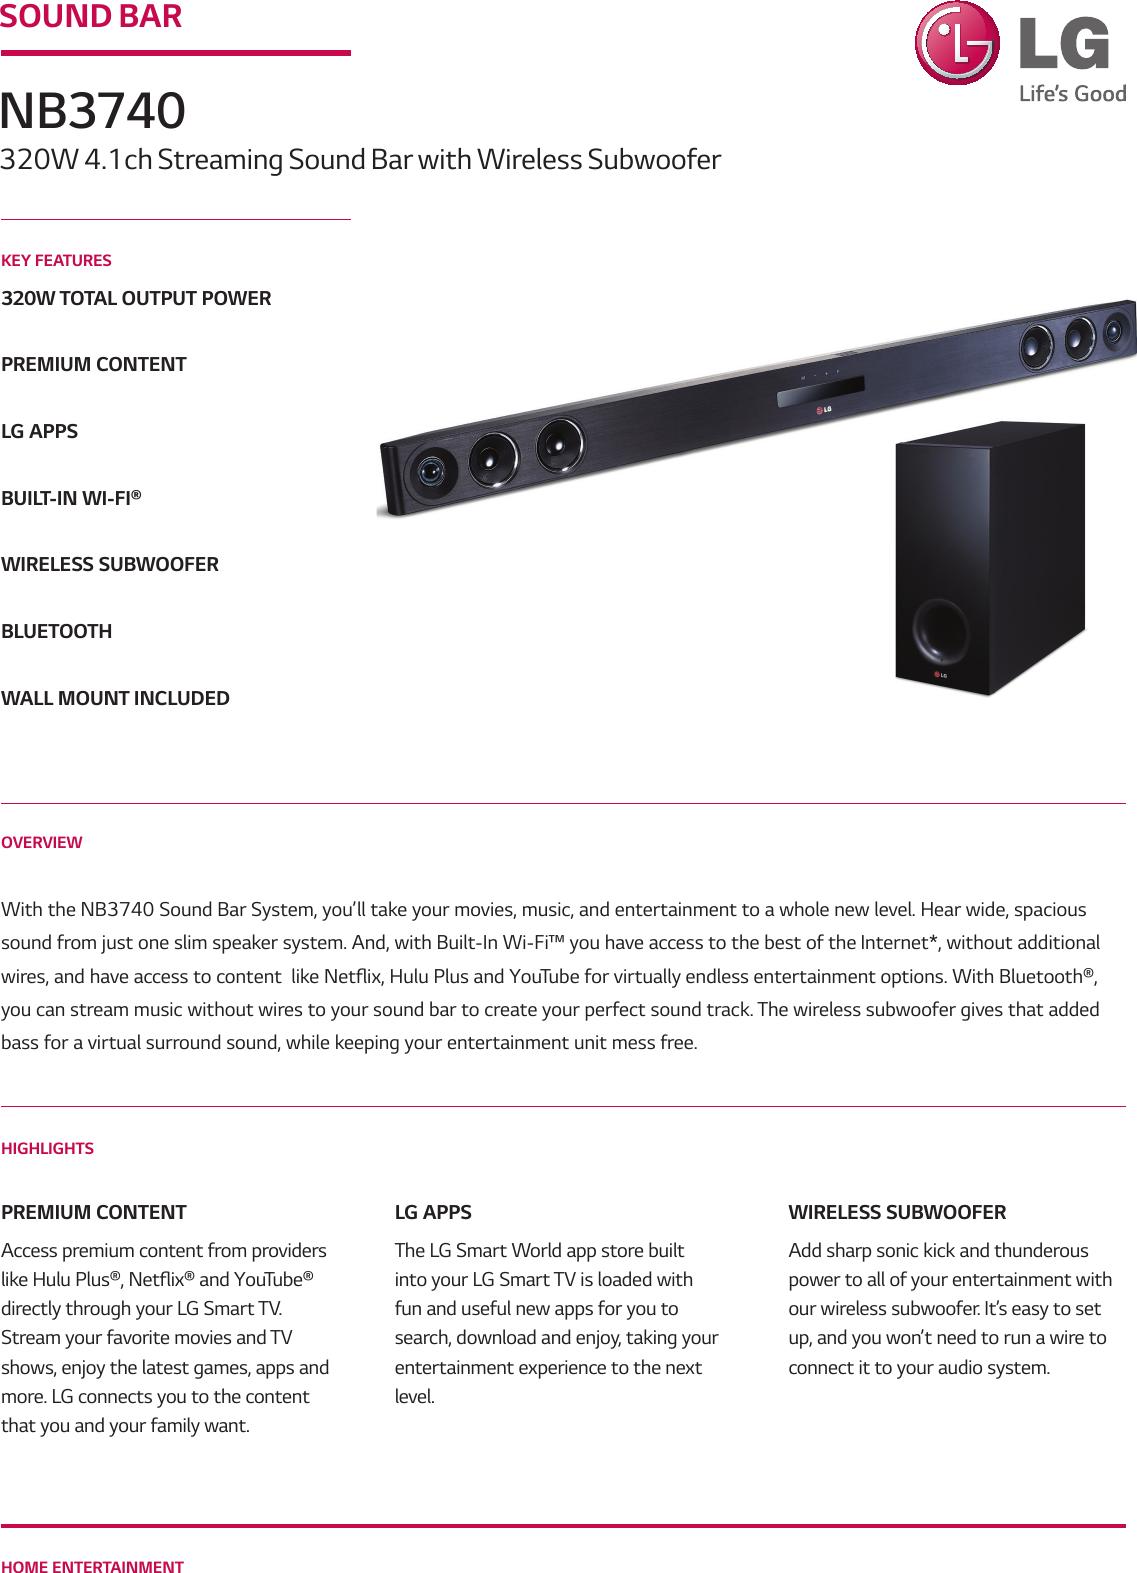 LG NB3740 User Manual Specification Spec Sheet